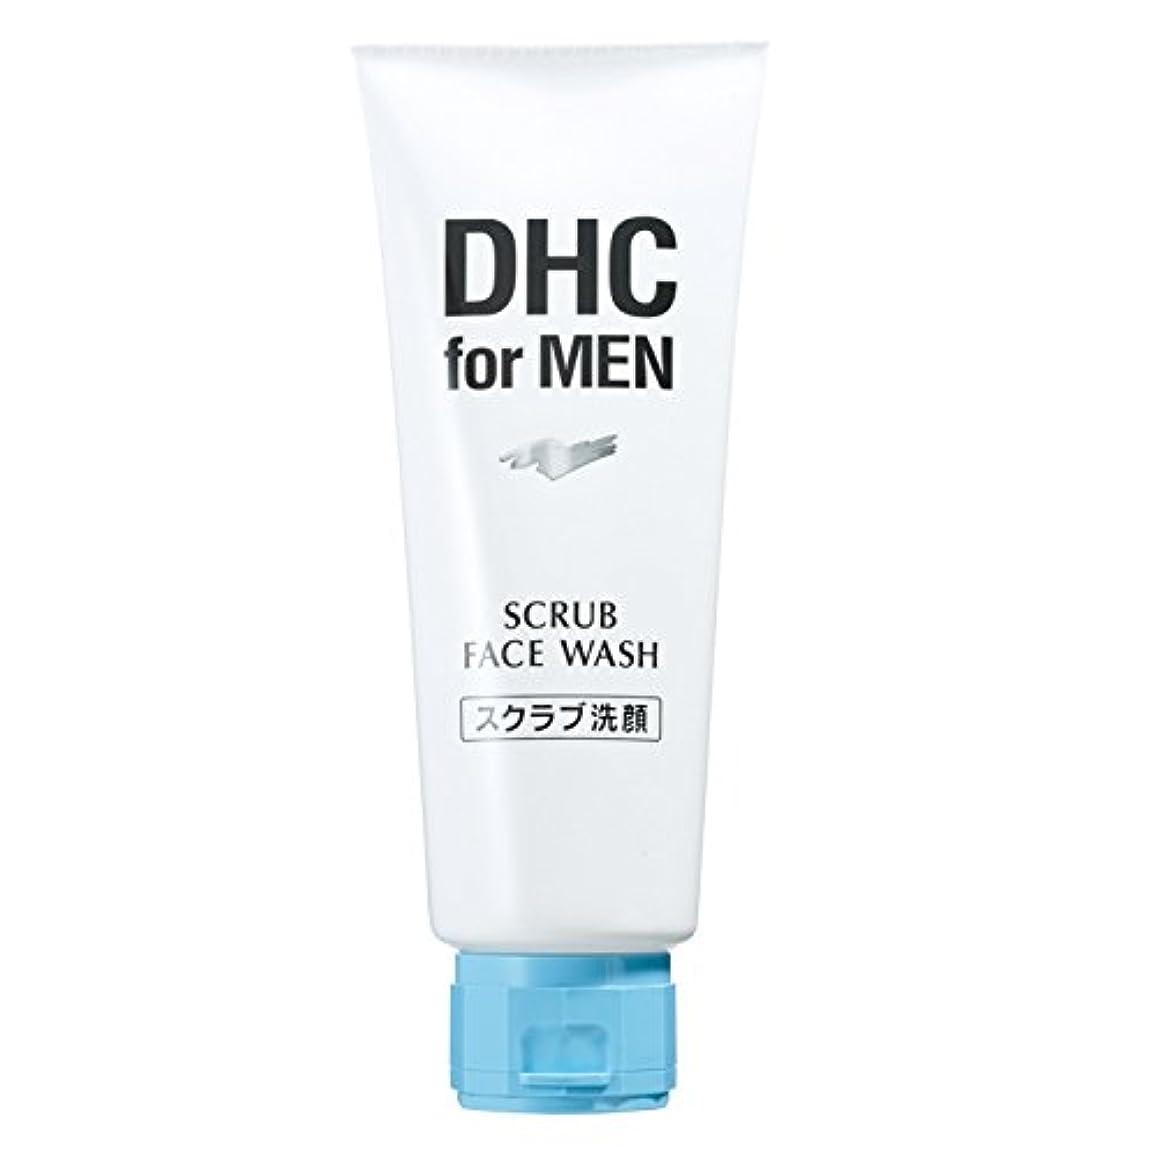 野なゴールデン考古学DHC スクラブ フェース ウォッシュ 【DHC for MEN】